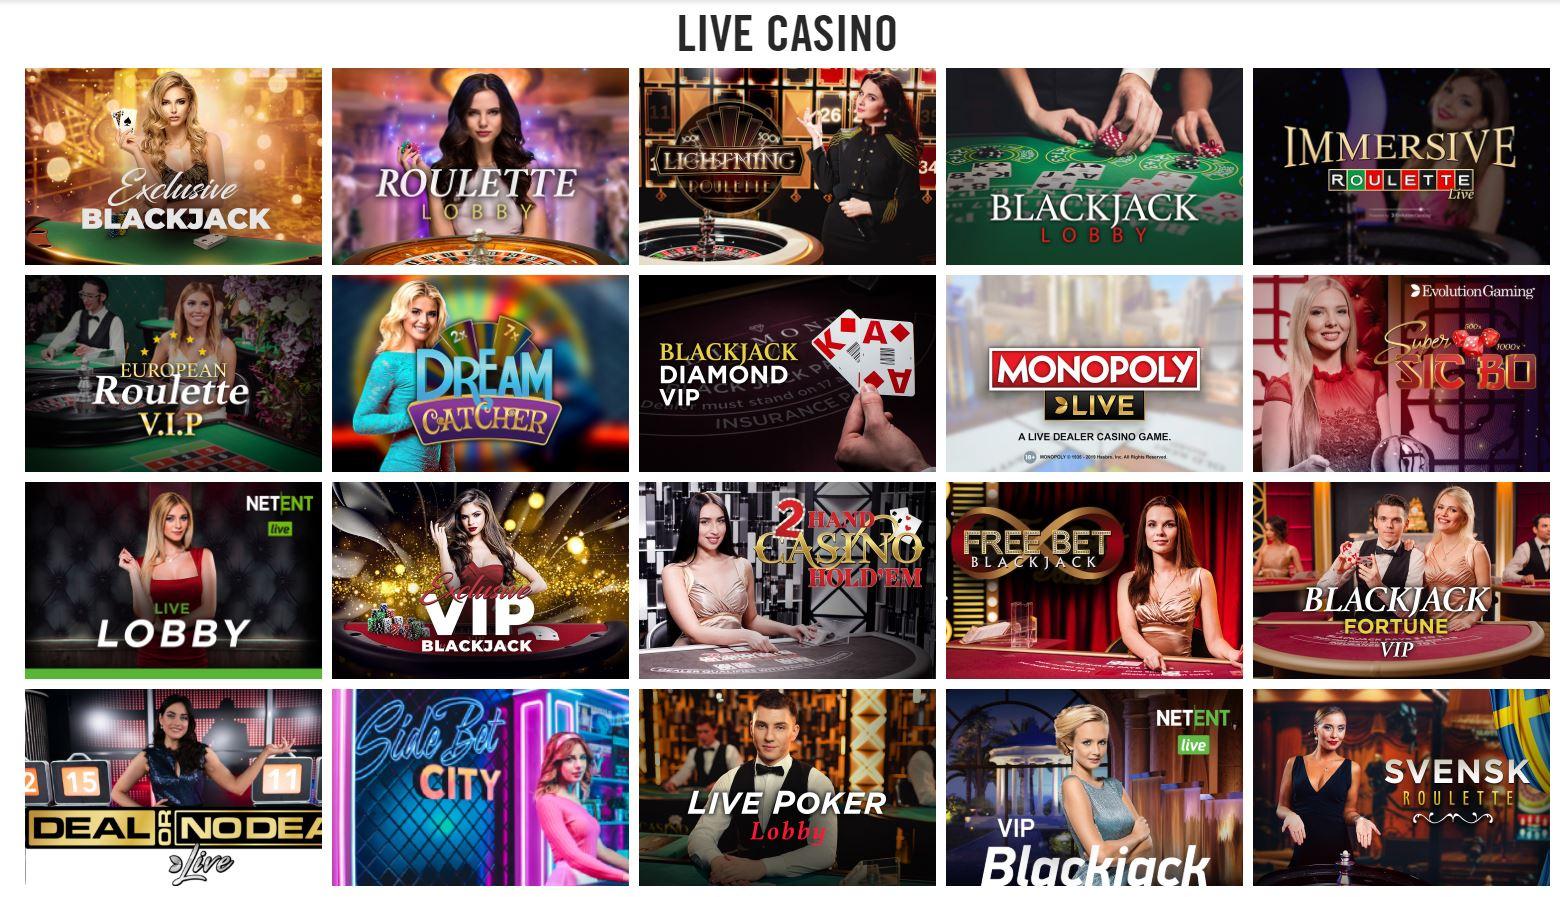 Live Casino lobby at Vegas Hero